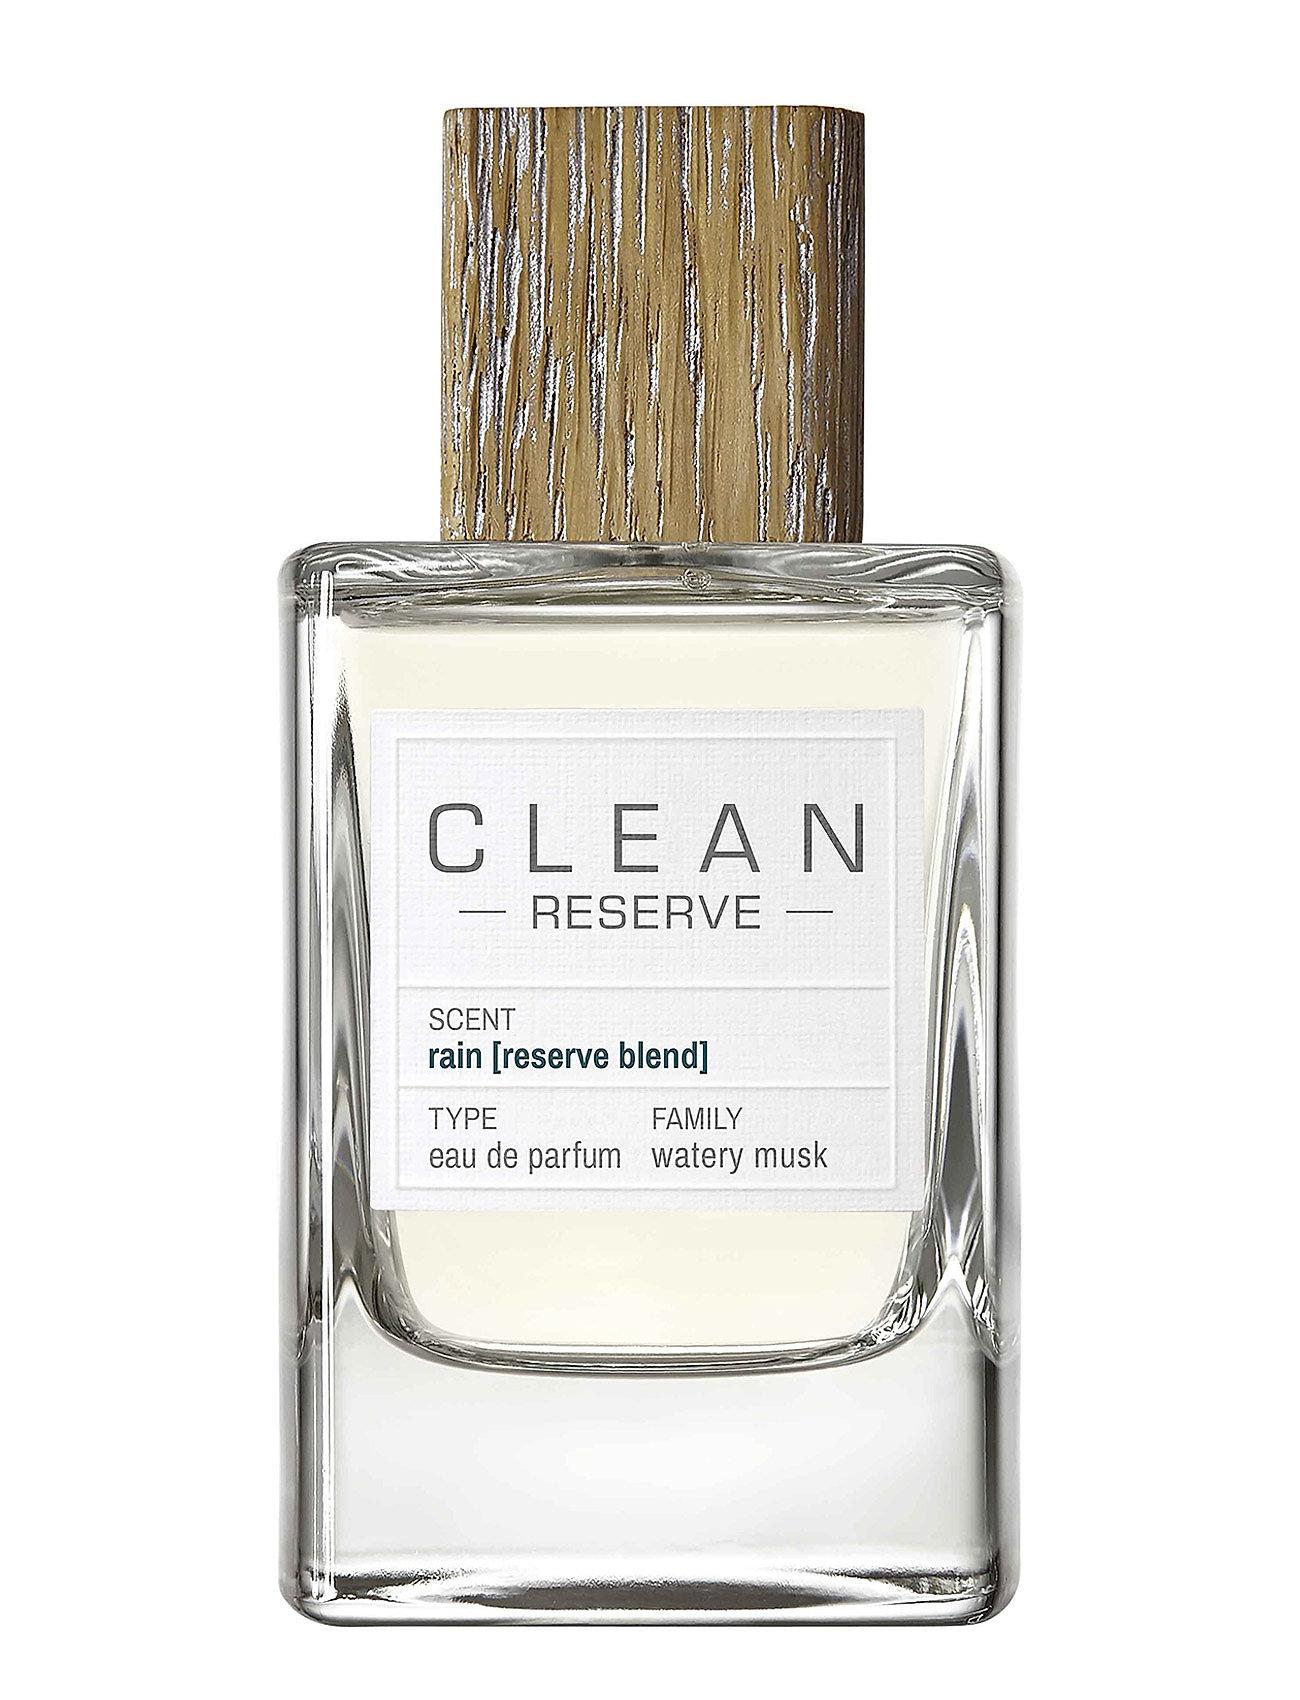 Clean reserve blends rain fra clean reserve fra boozt.com dk